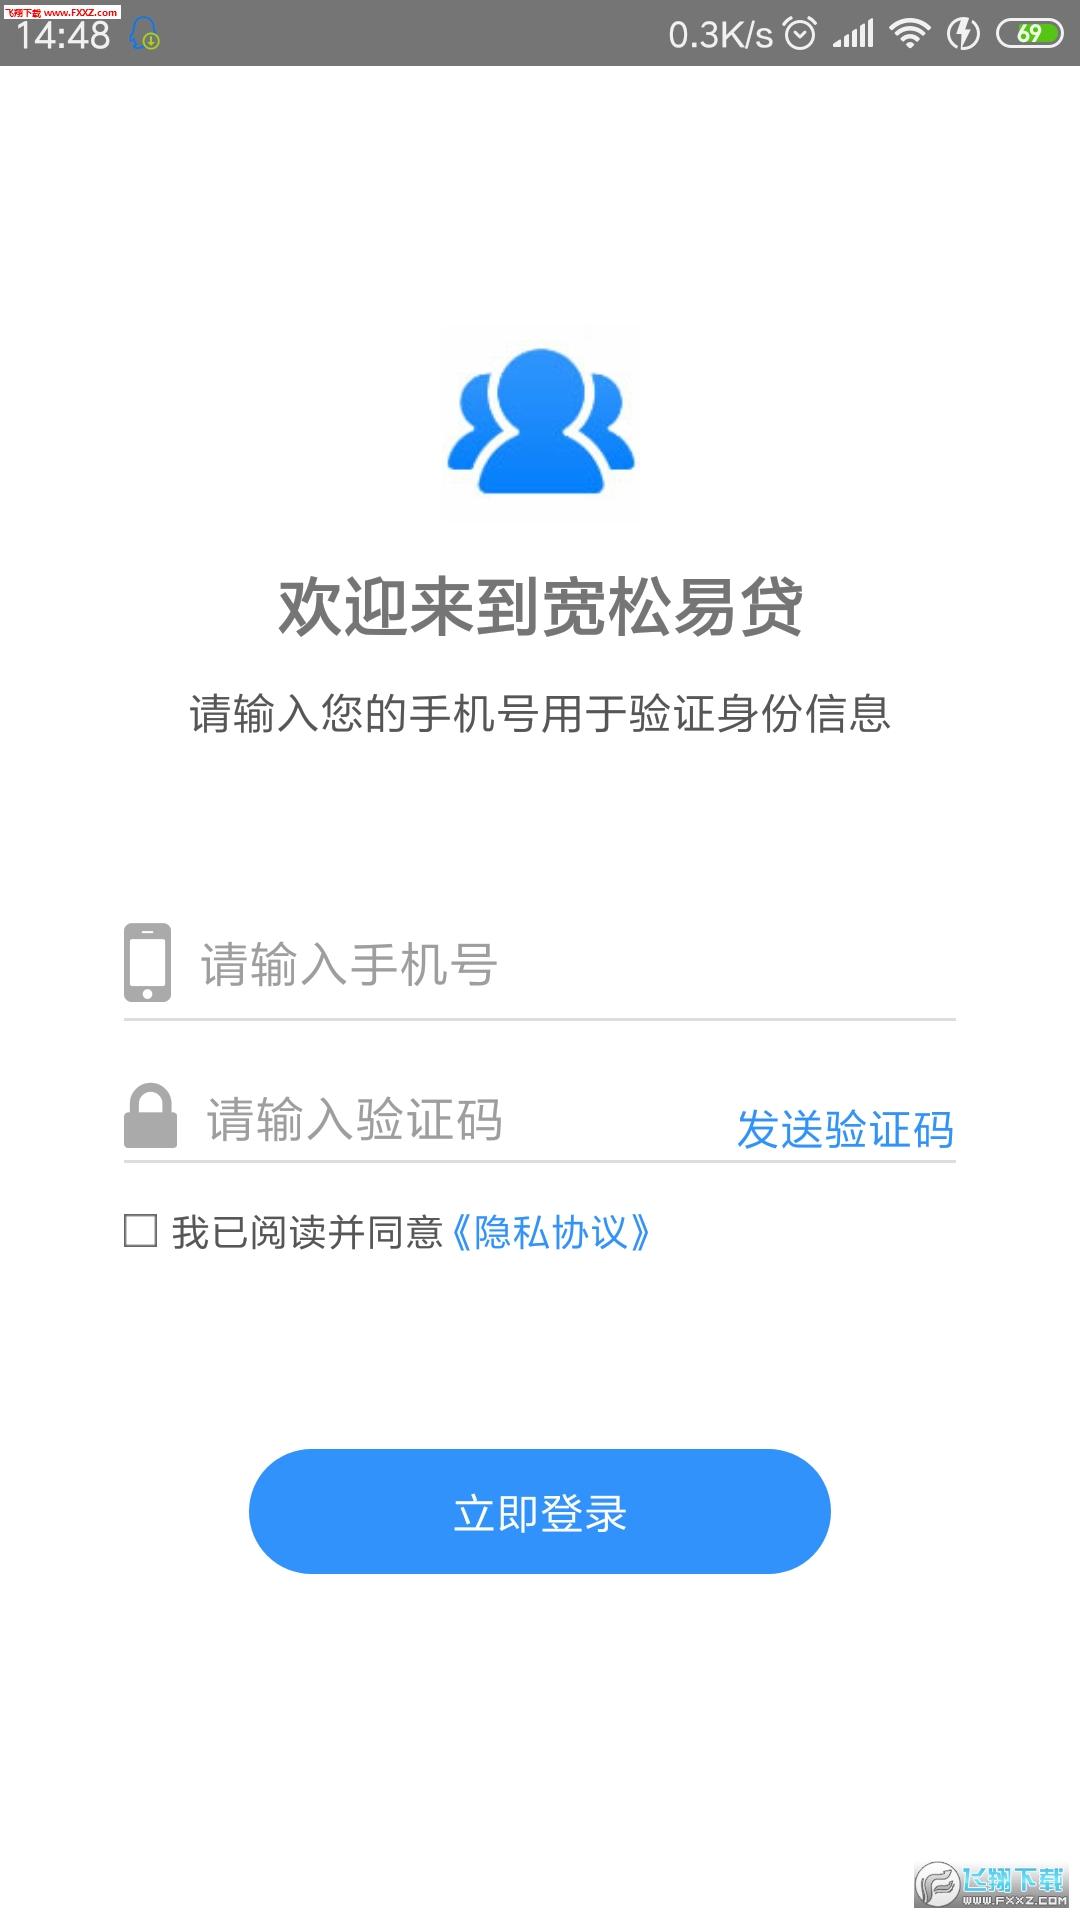 宽松易贷appv1.0.0截图2